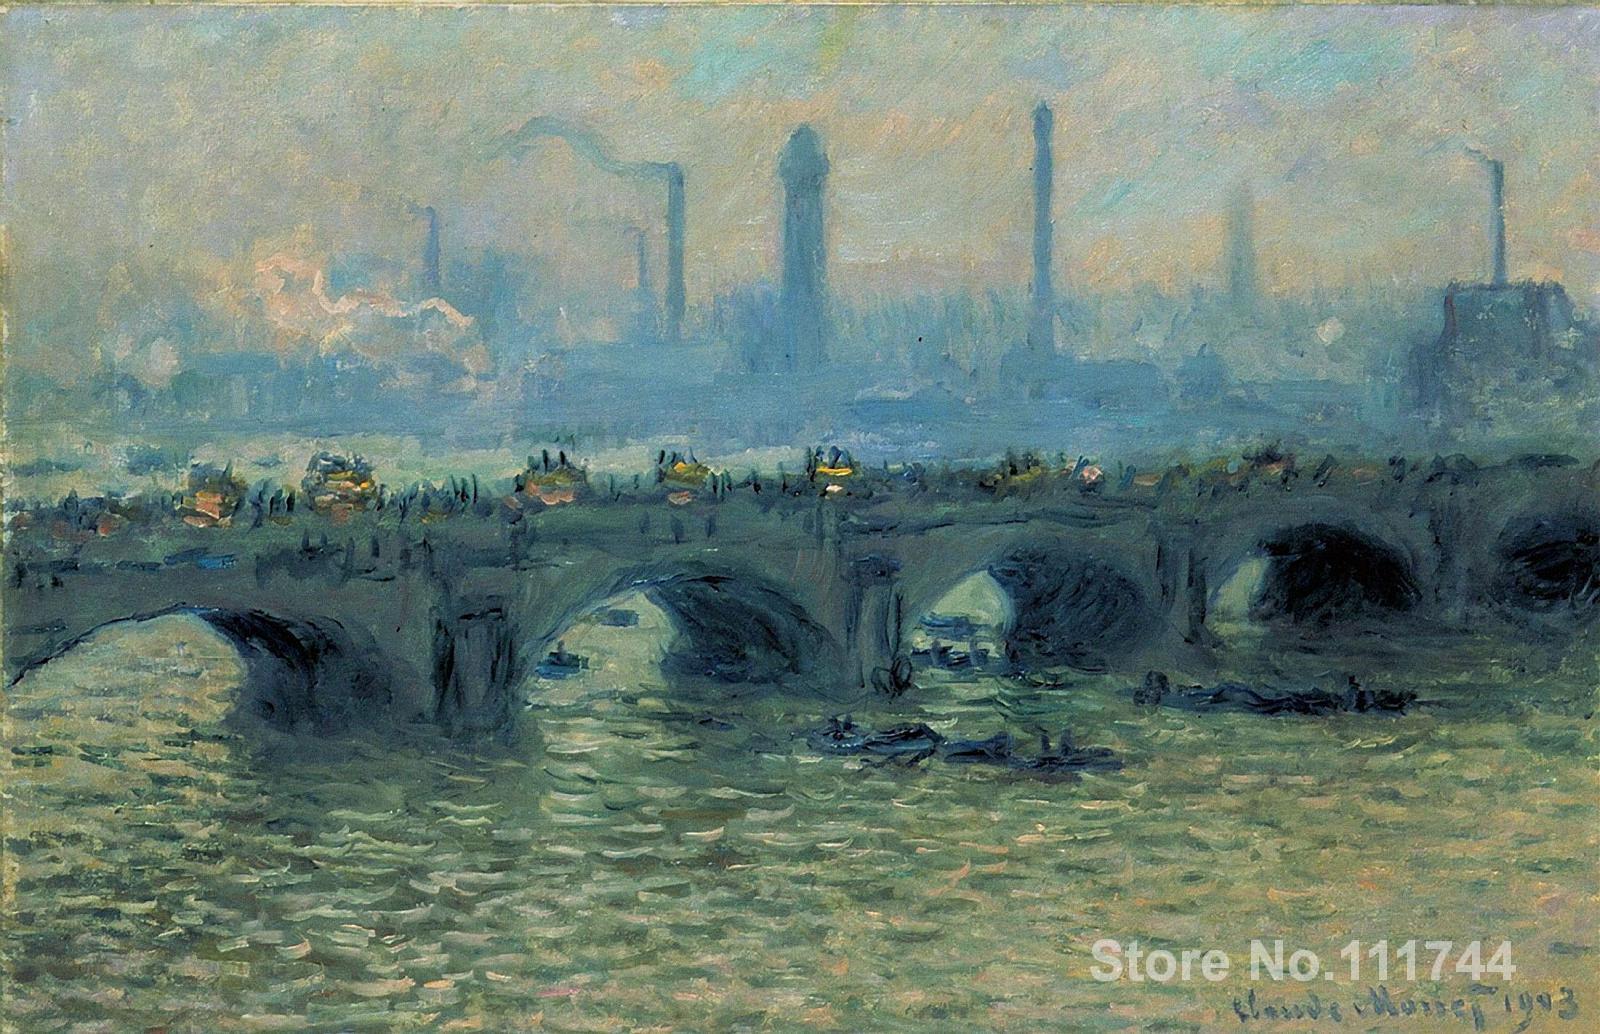 Copia de pinturas al óleo artista famoso puente de Waterloo gris clima Claude Monet arte hecho a mano para la decoración de la pared del hogar